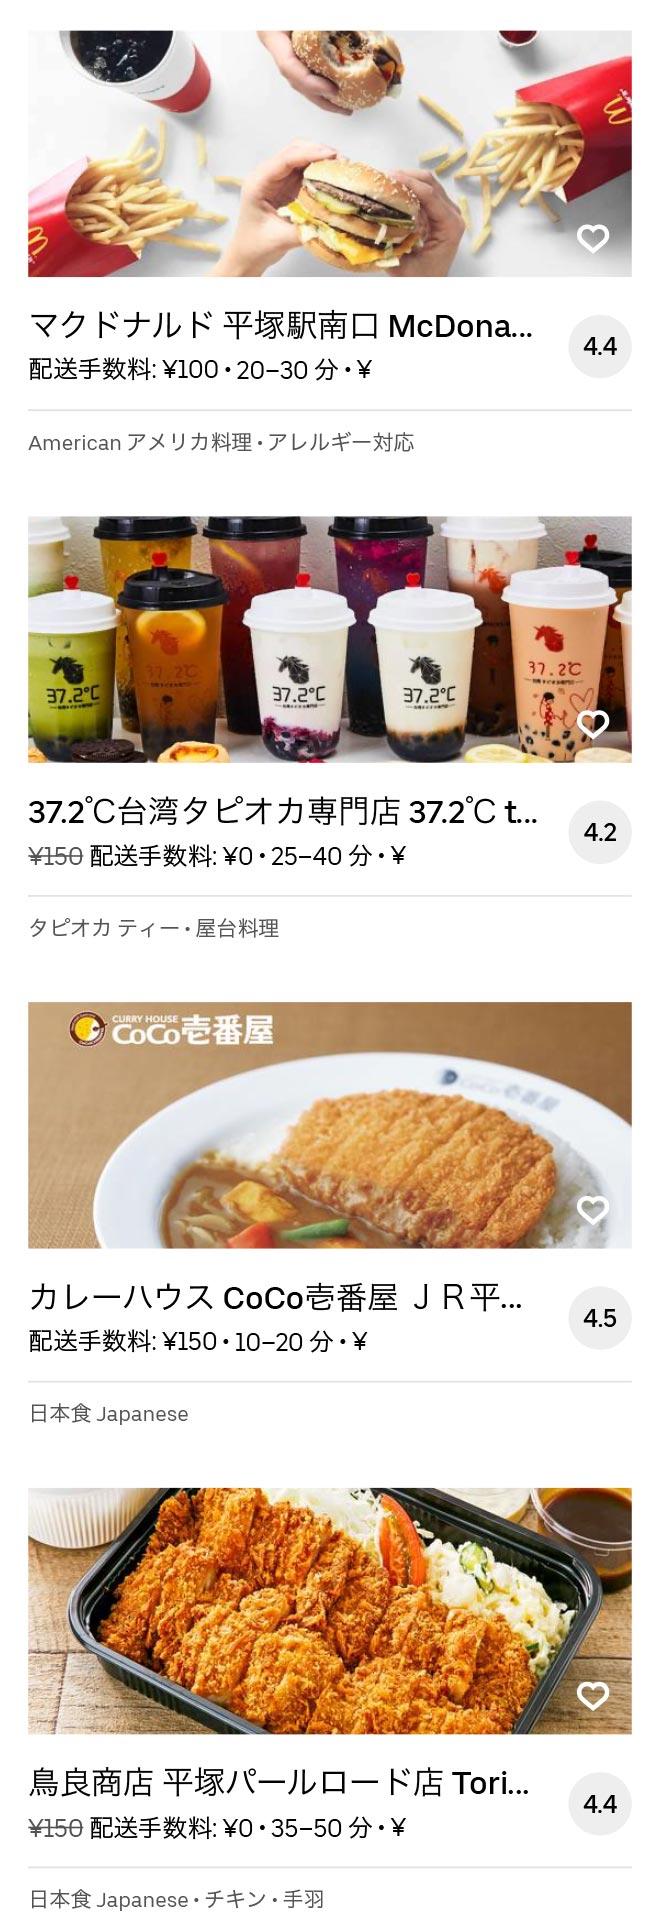 Hiratsuka menu 2008 06